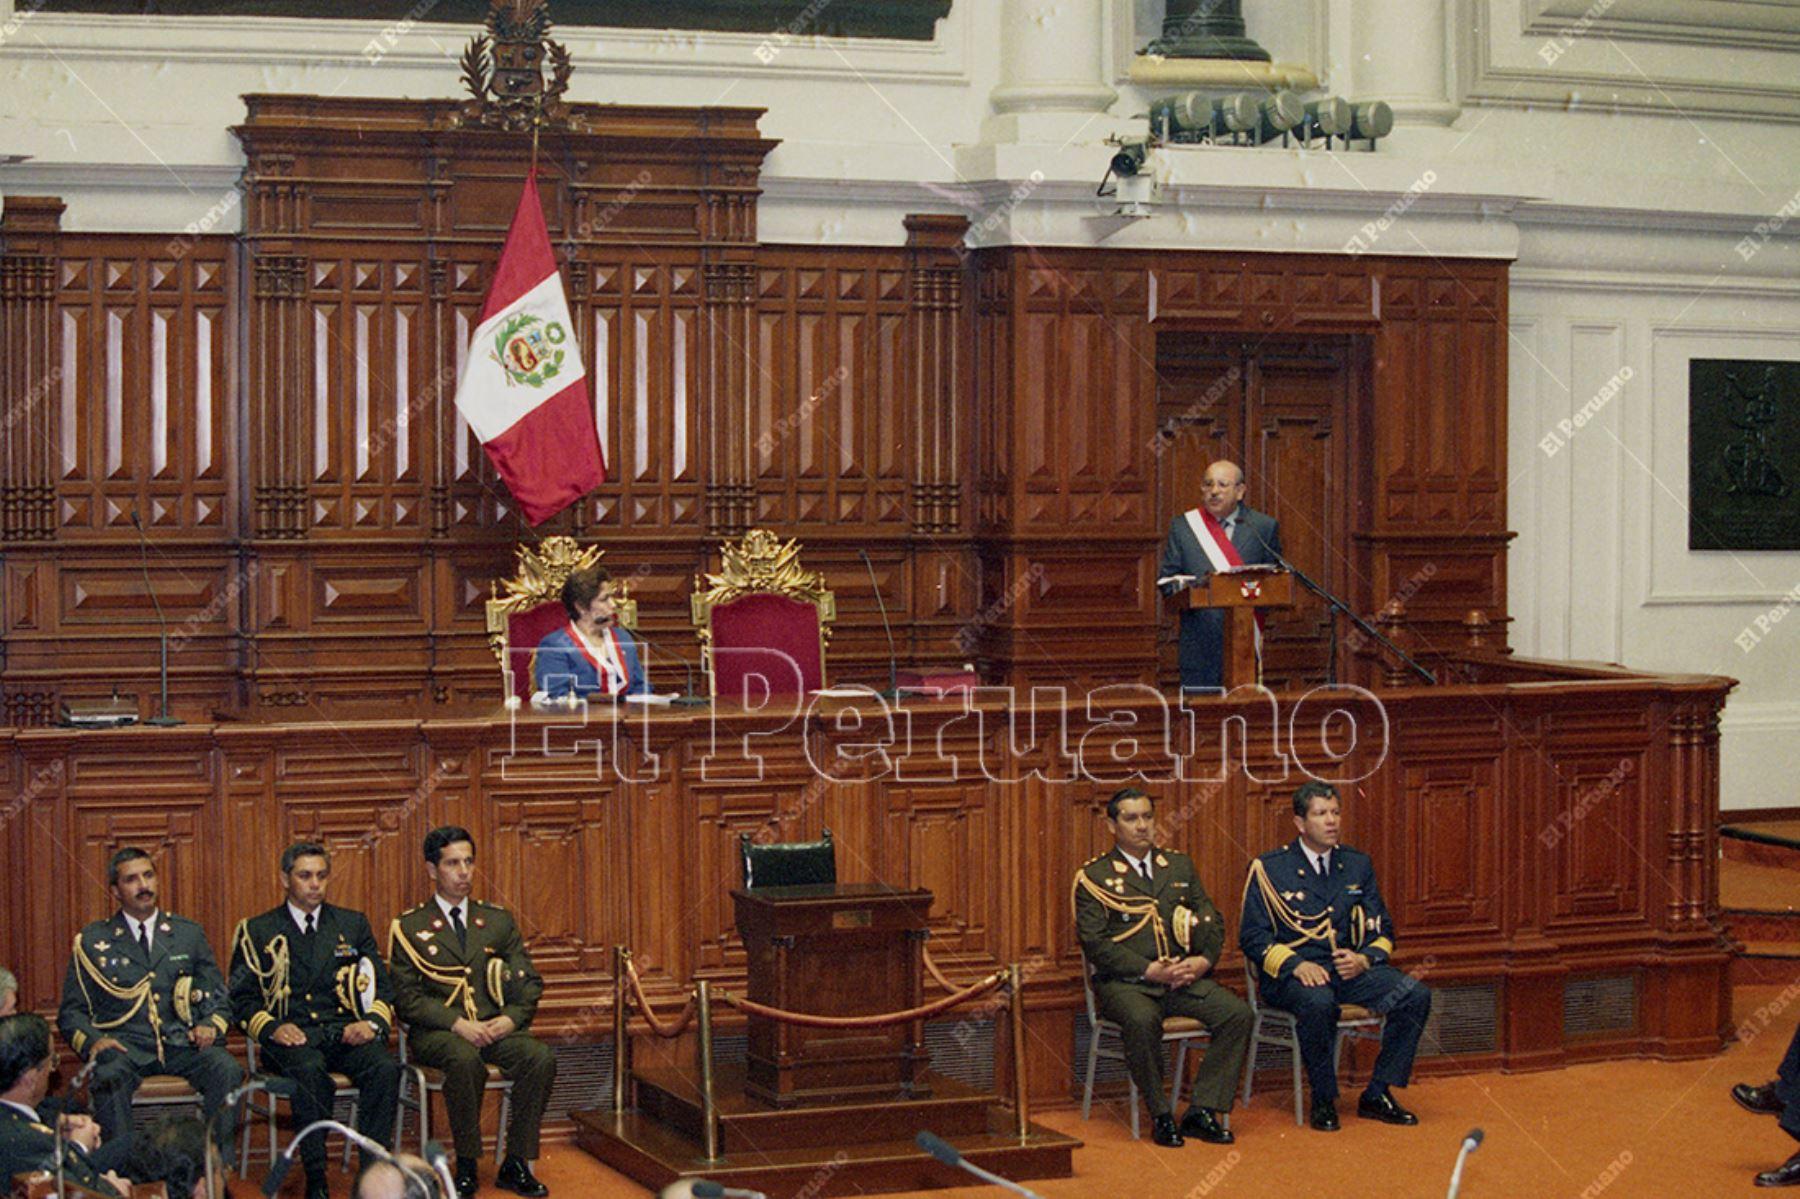 Lima - 22 noviembre 2000 / Juramentación de Valentín Paniagua Corazao como presidente de la República en la sede del Congreso.  Foto: Archivo Histórico de El Peruano / Ricardo Choy-Kifox